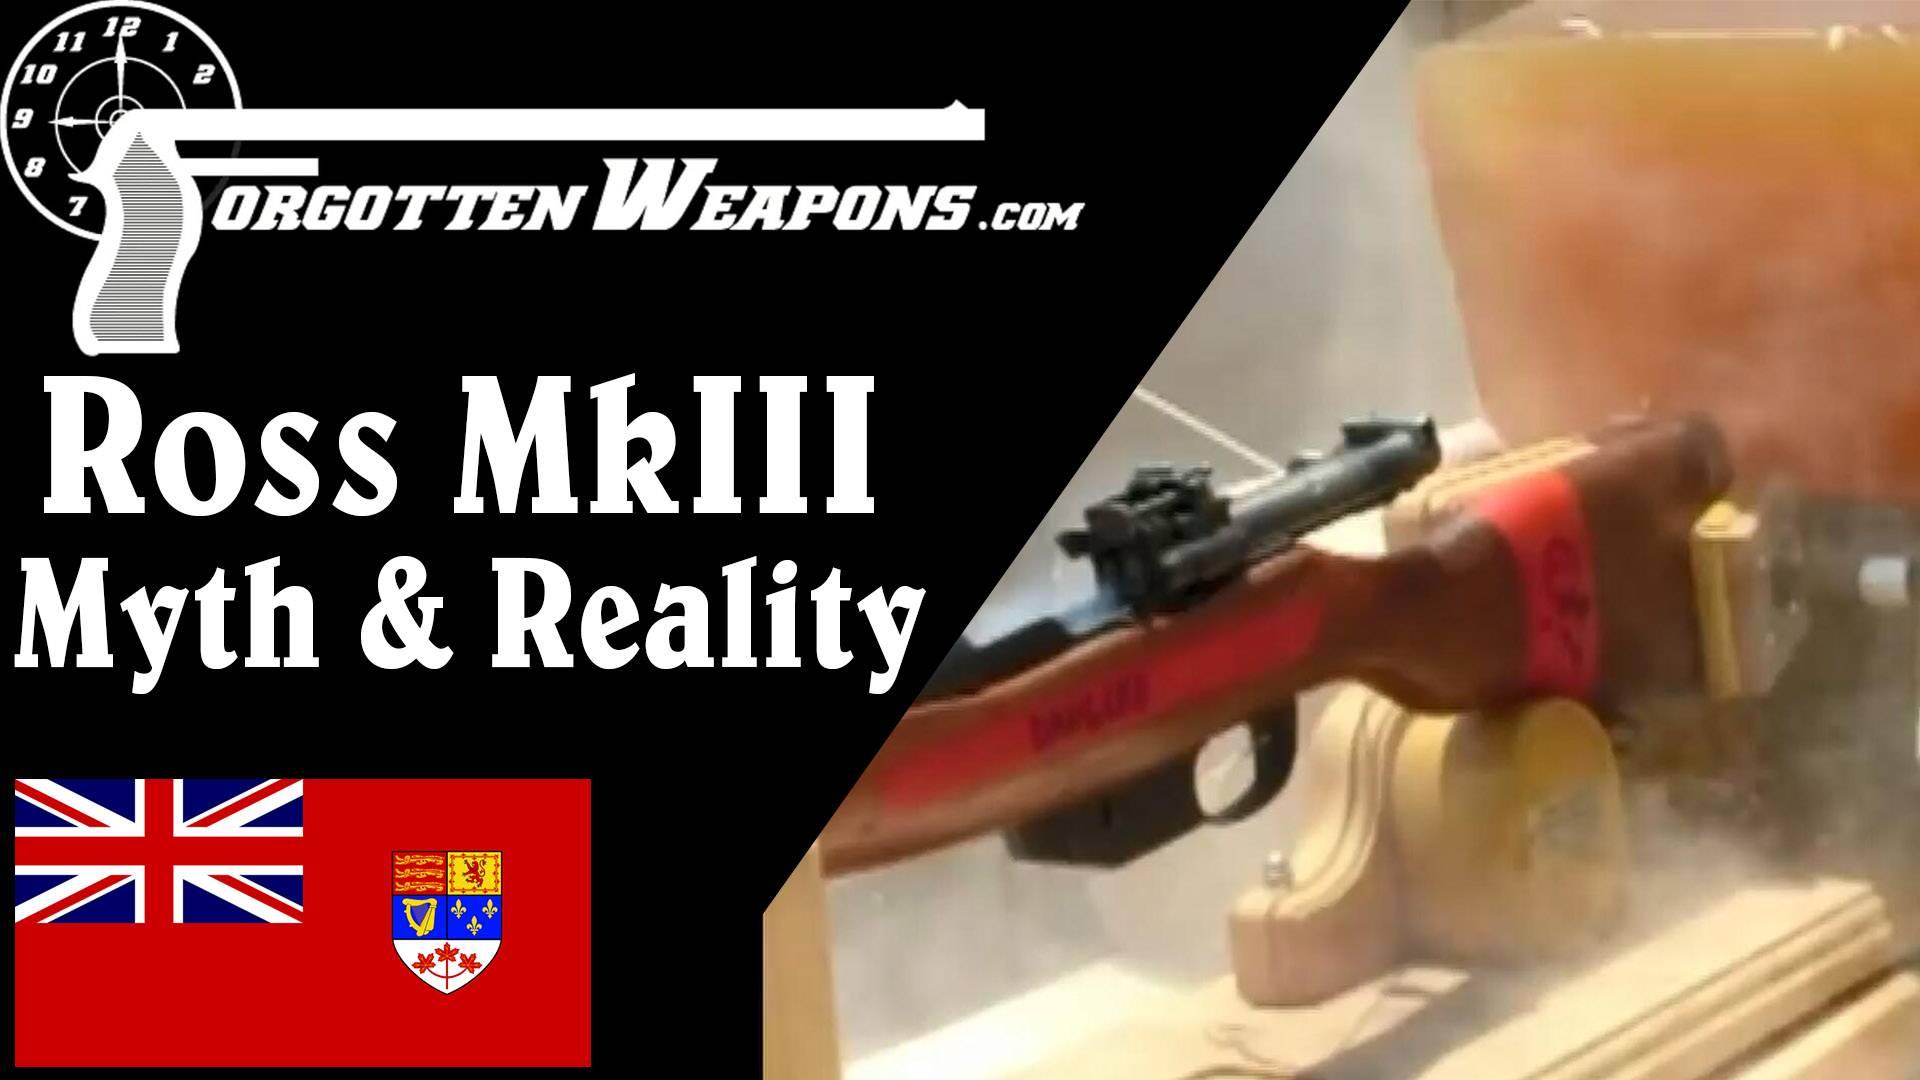 【被遗忘的武器/双语】关于罗斯MkIII步枪的传言与真相